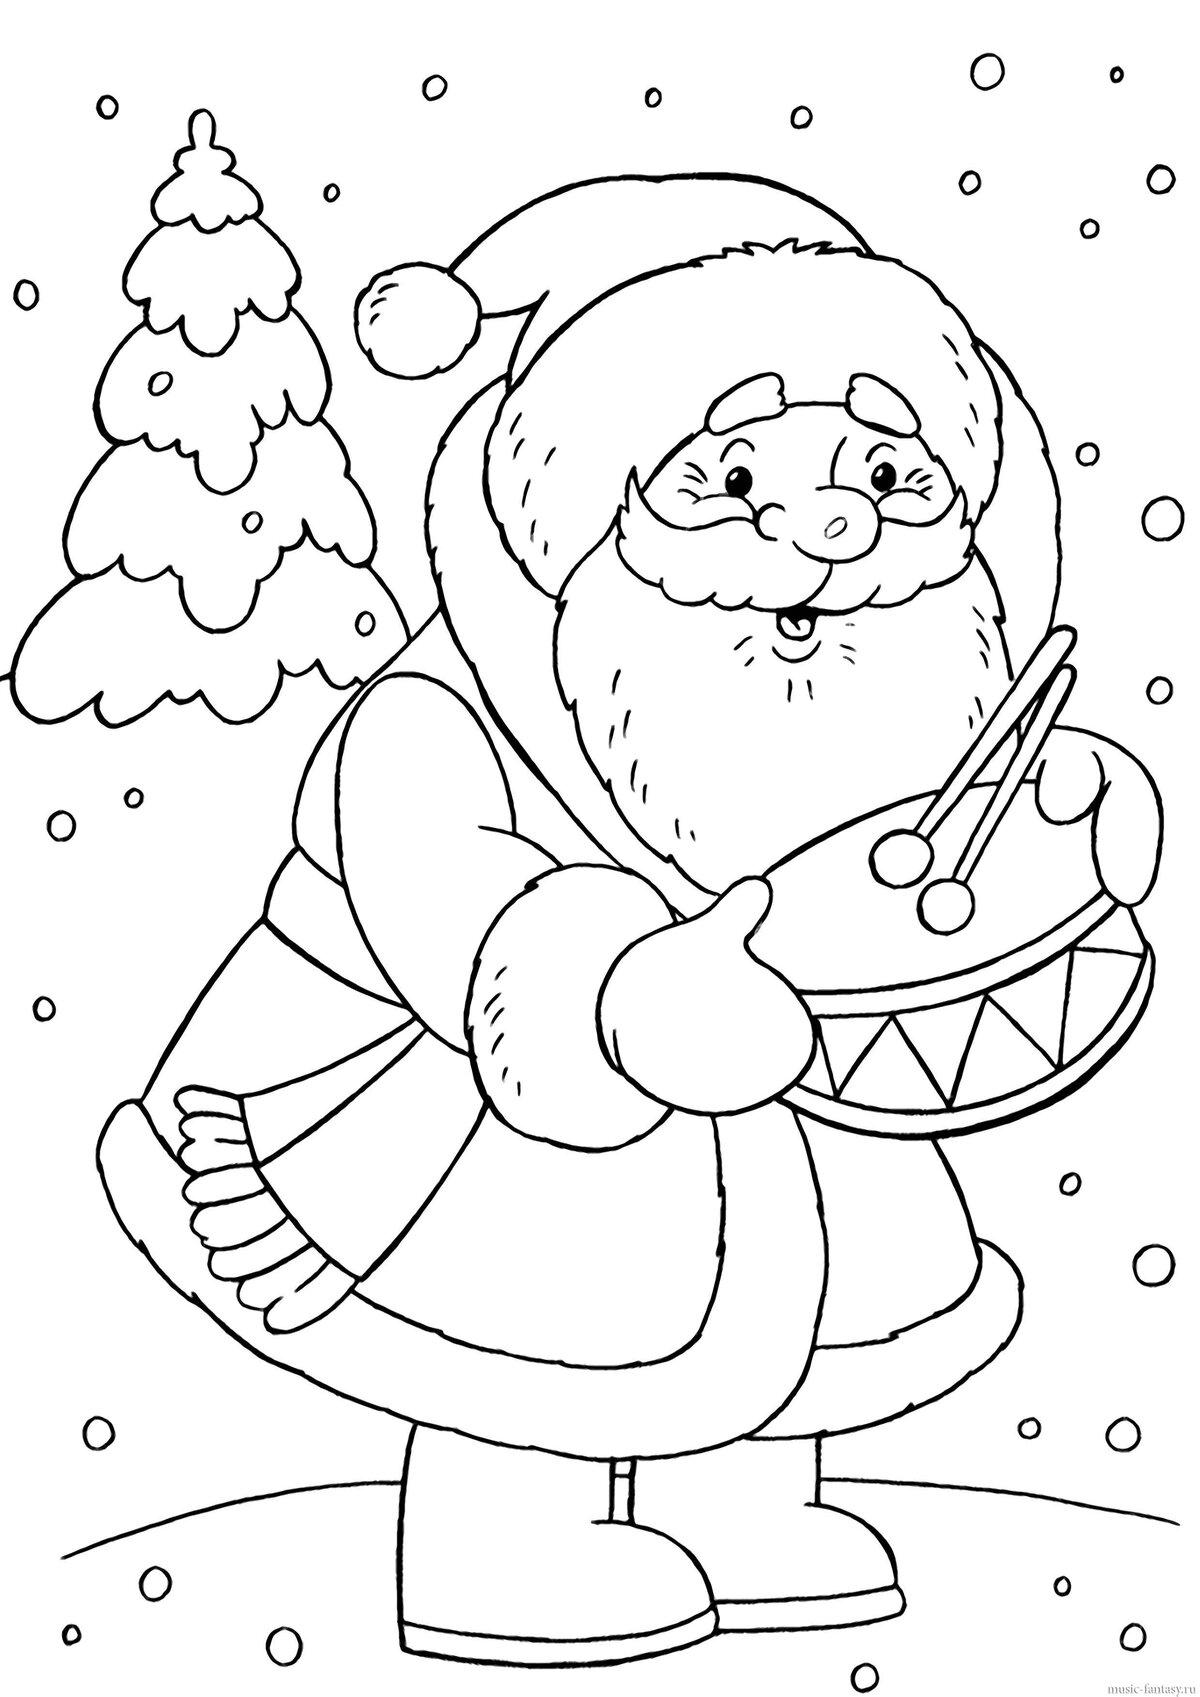 Раскраска новогодние картинки для детей, гиф